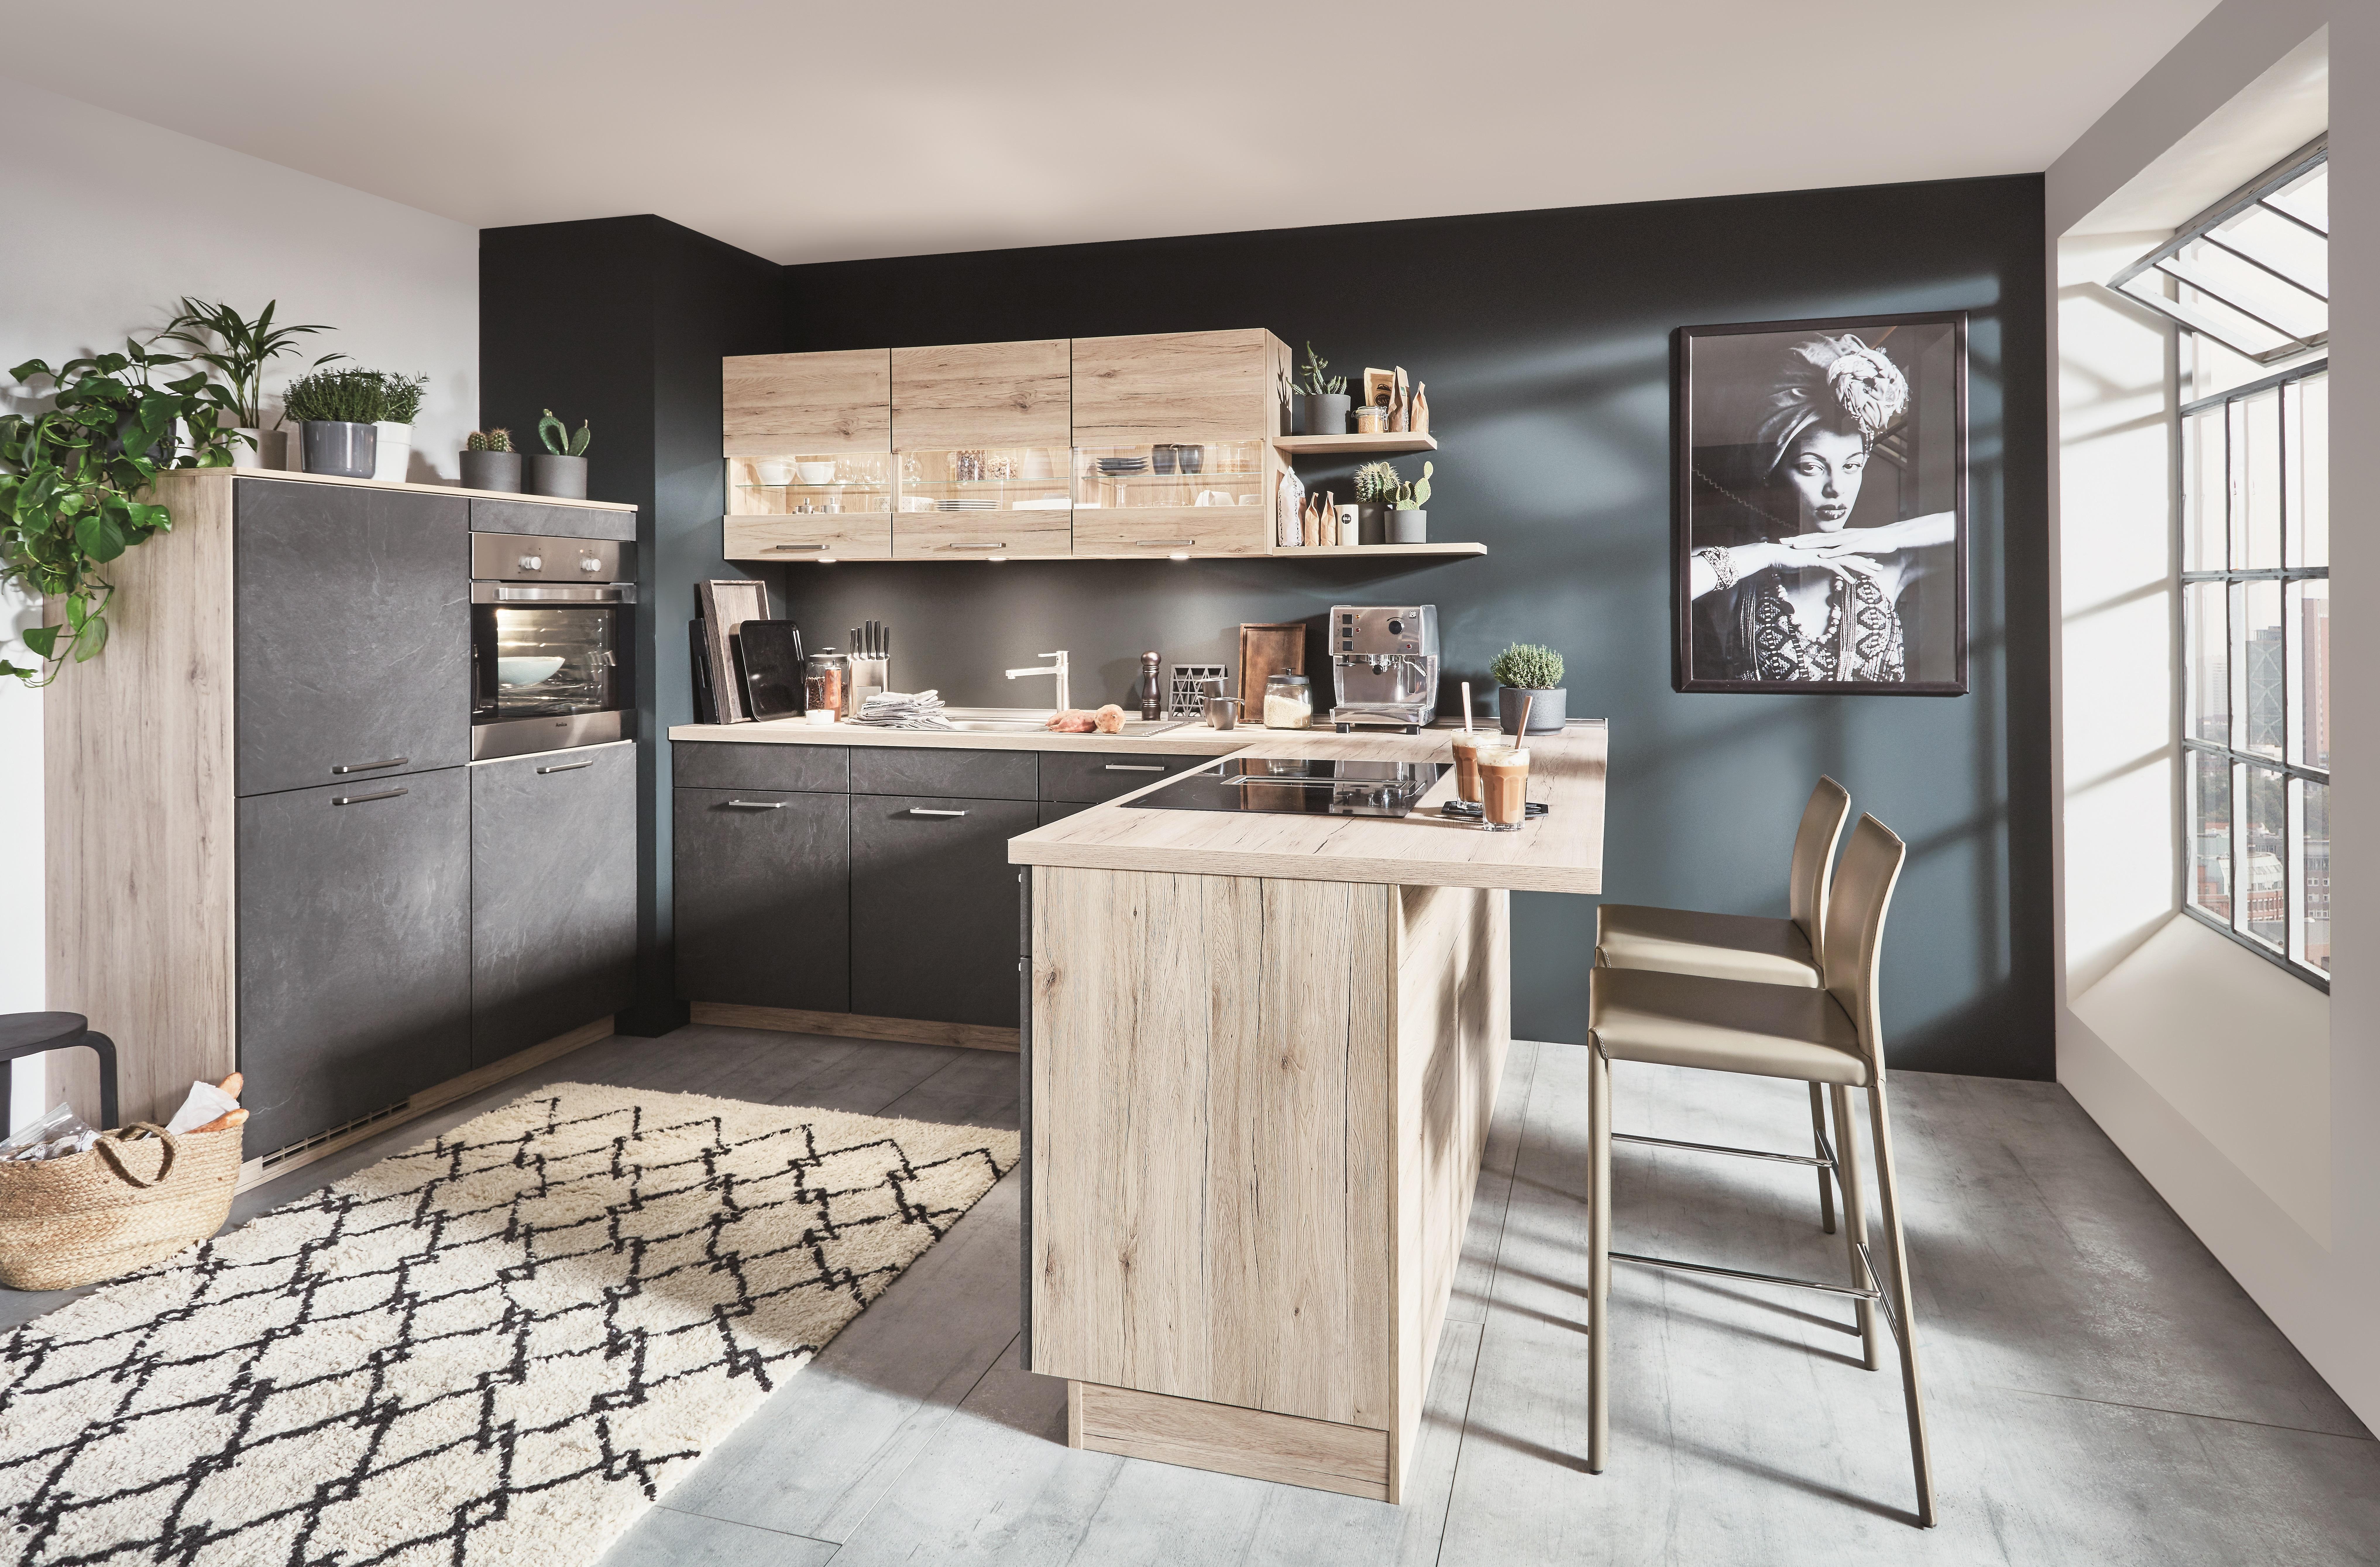 Einbauküche inkl E-Geräte 120 + 261 x 215 cm von Nobilia Grauschiefer /  Eiche San Remo